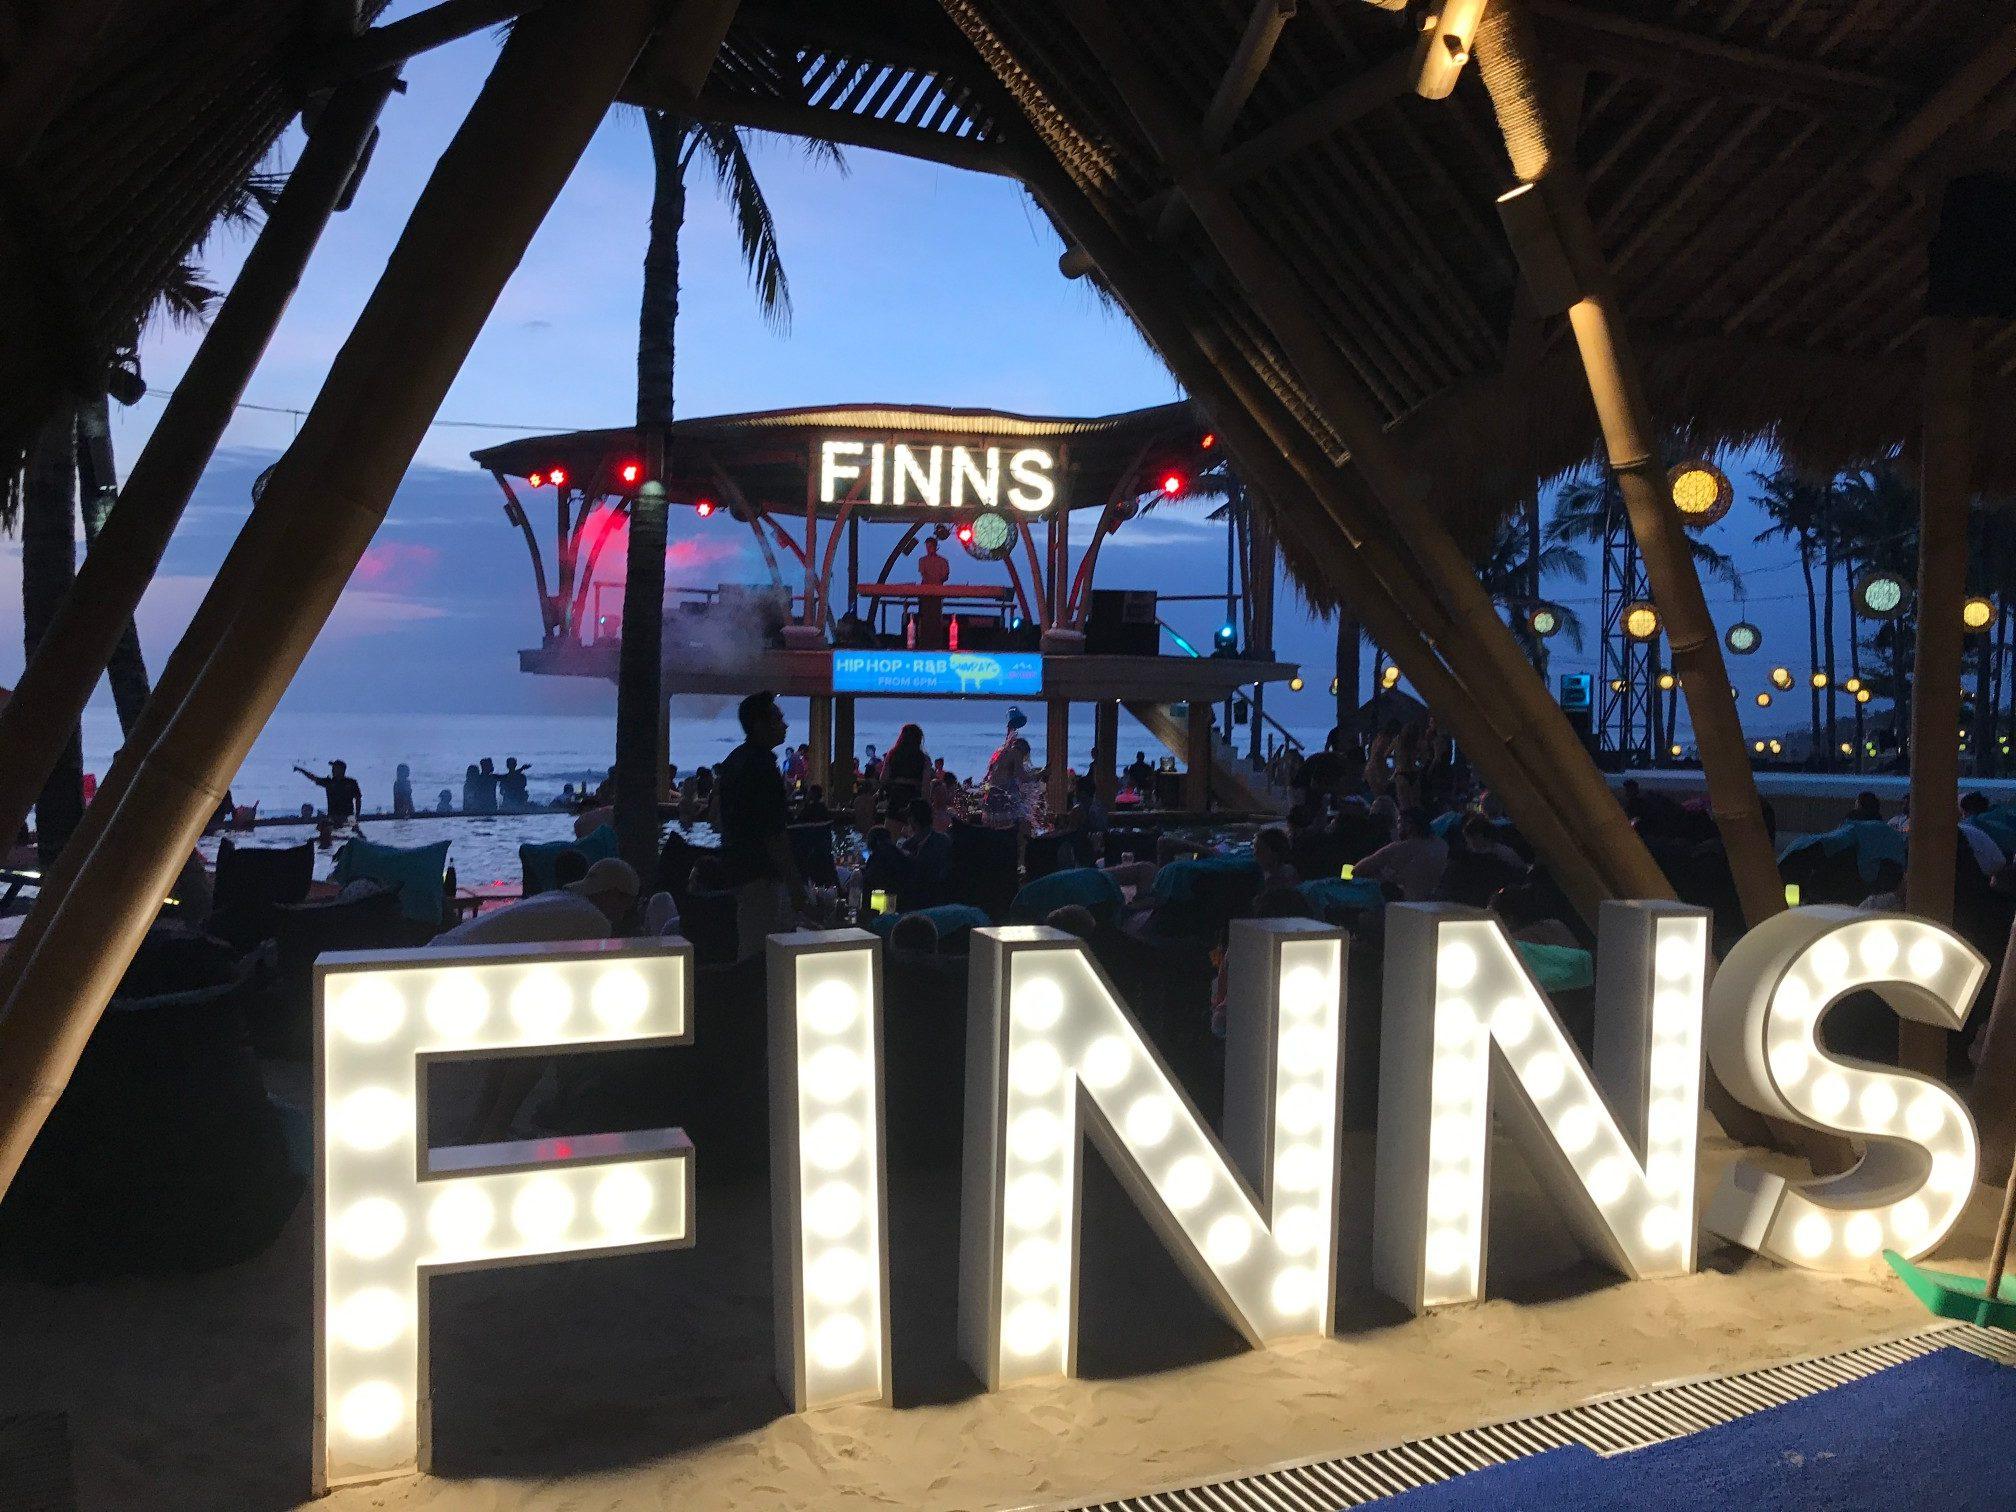 デートにぴったりバリ島で今話題のビーチクラブ FINNS BEACH CLUB6